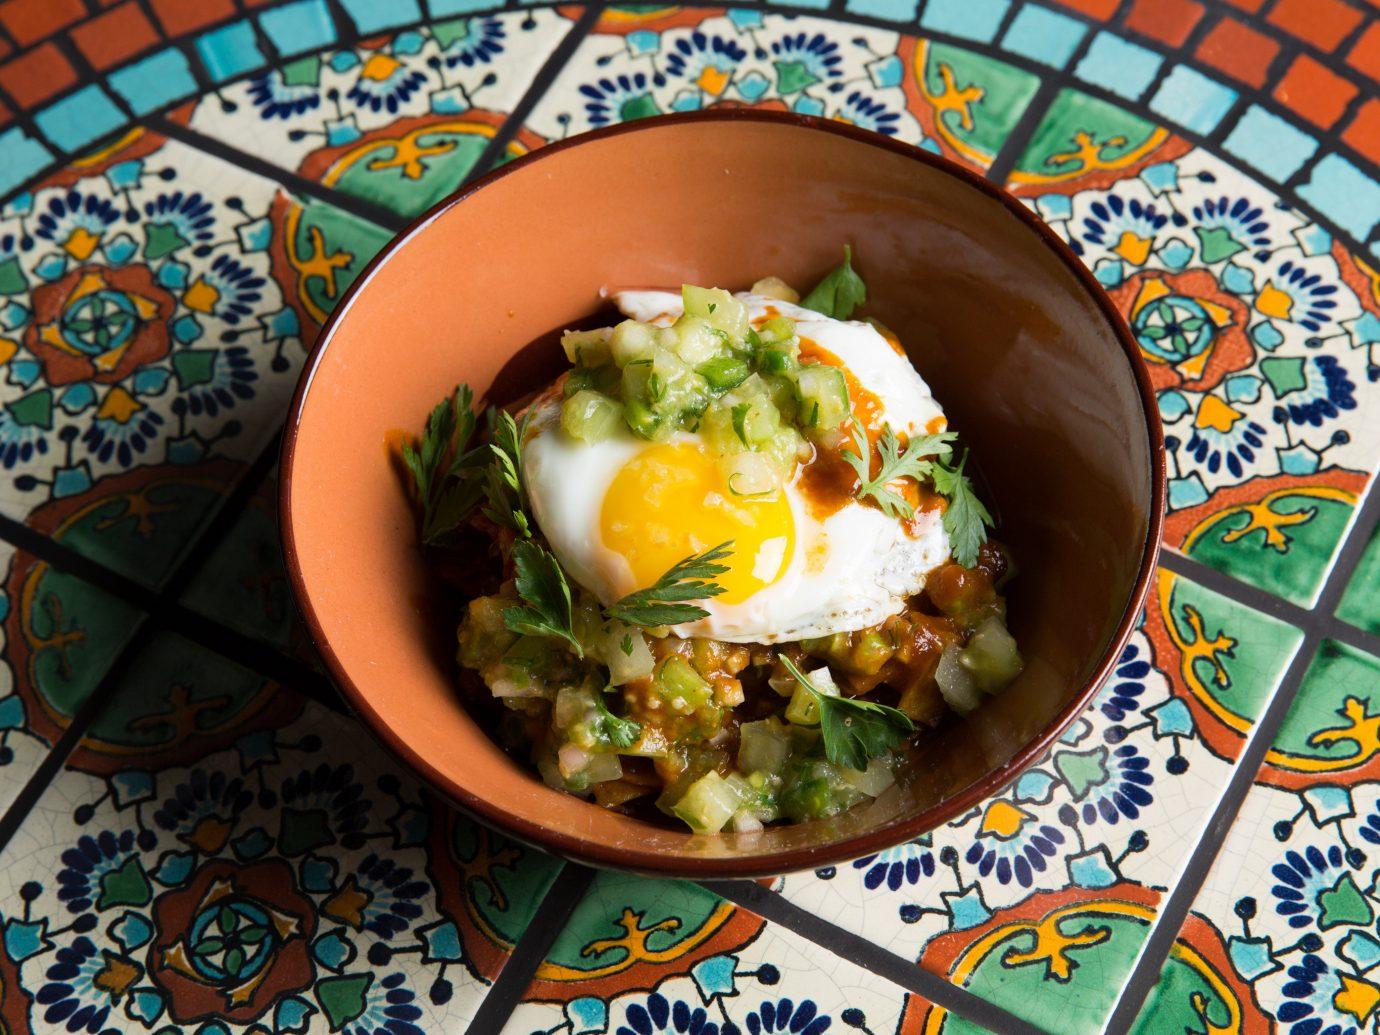 Offbeat food plate floor indoor dish bowl cuisine vegetarian food meal breakfast vegetable egg brunch recipe poached egg commodity succotash leaf vegetable soup